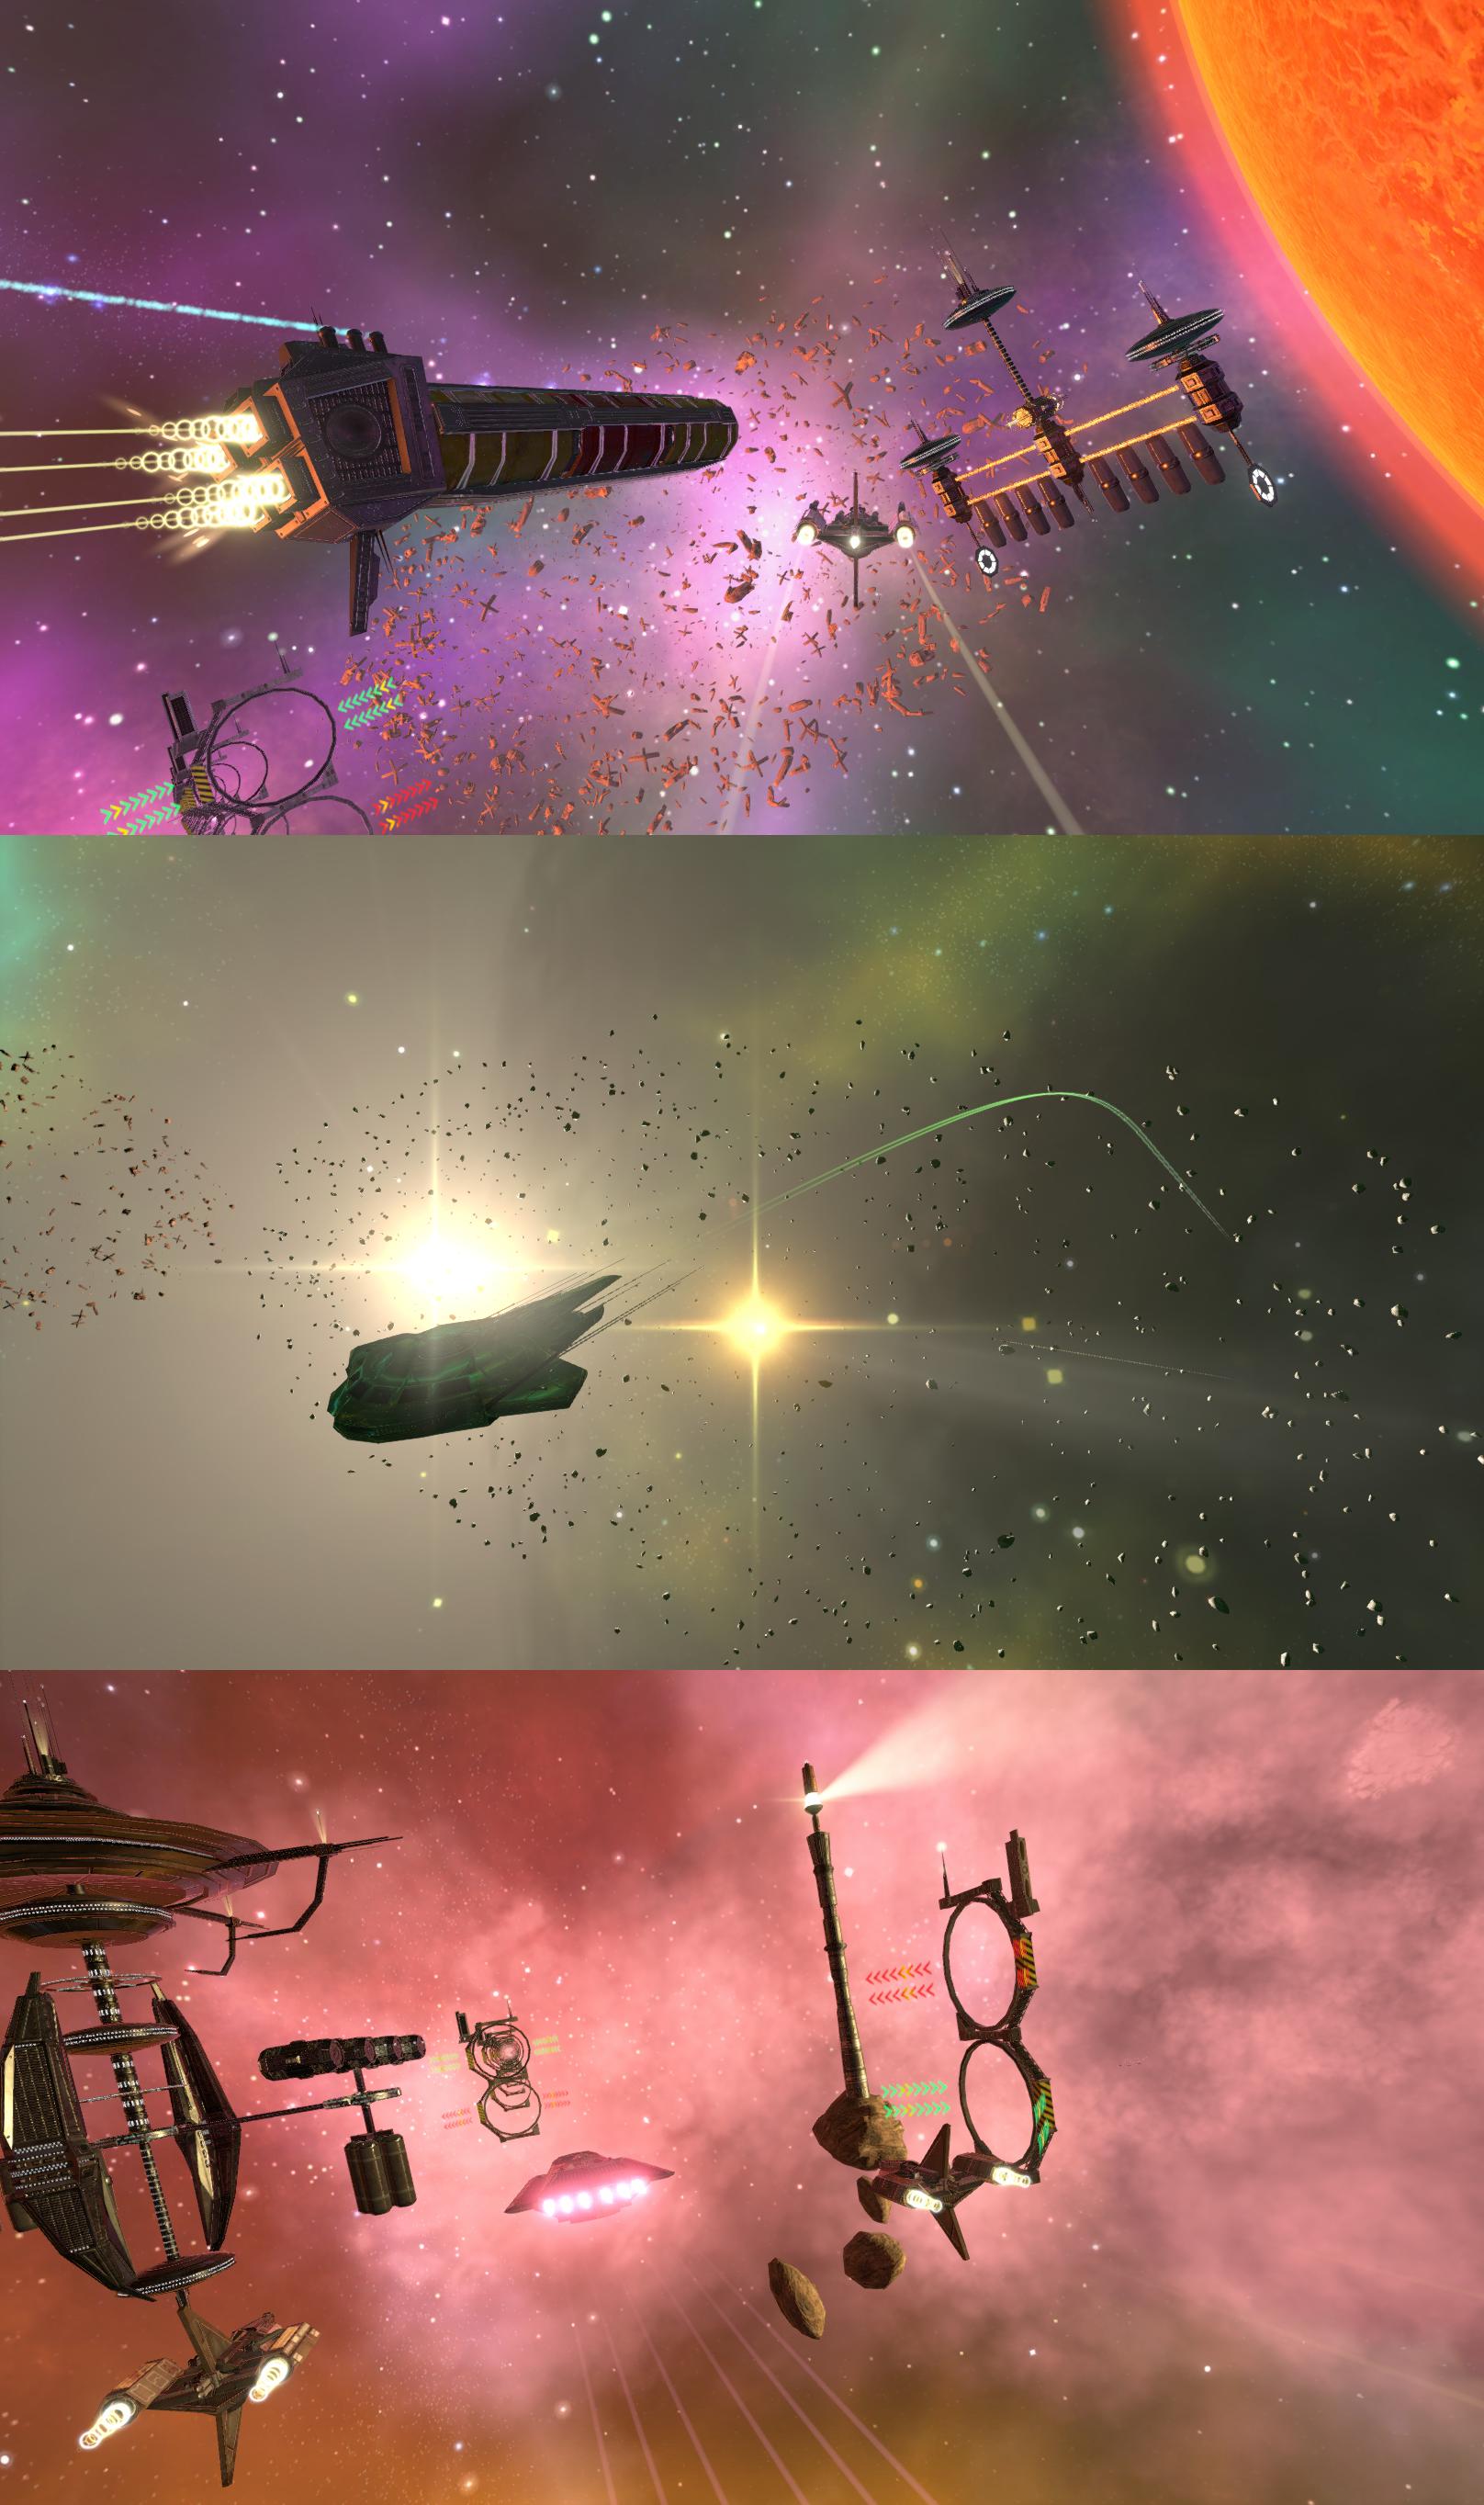 UnderspaceShippyShips